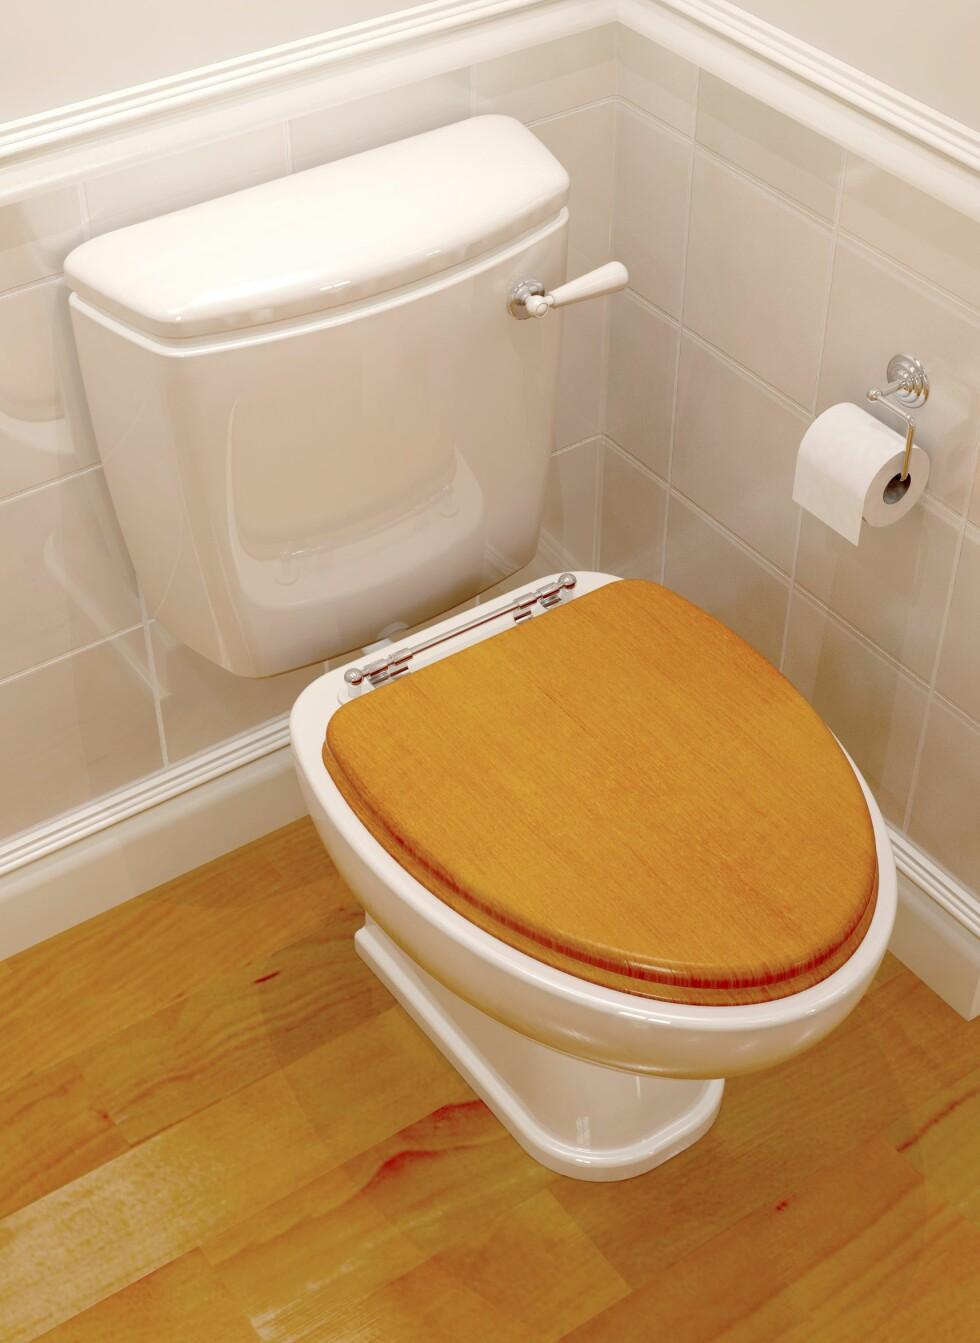 I stedet for å bytte toalettet, kan du for eksempel investere i et nytt toalettsete som passer i det nye interiøret.  Foto: Panther Media